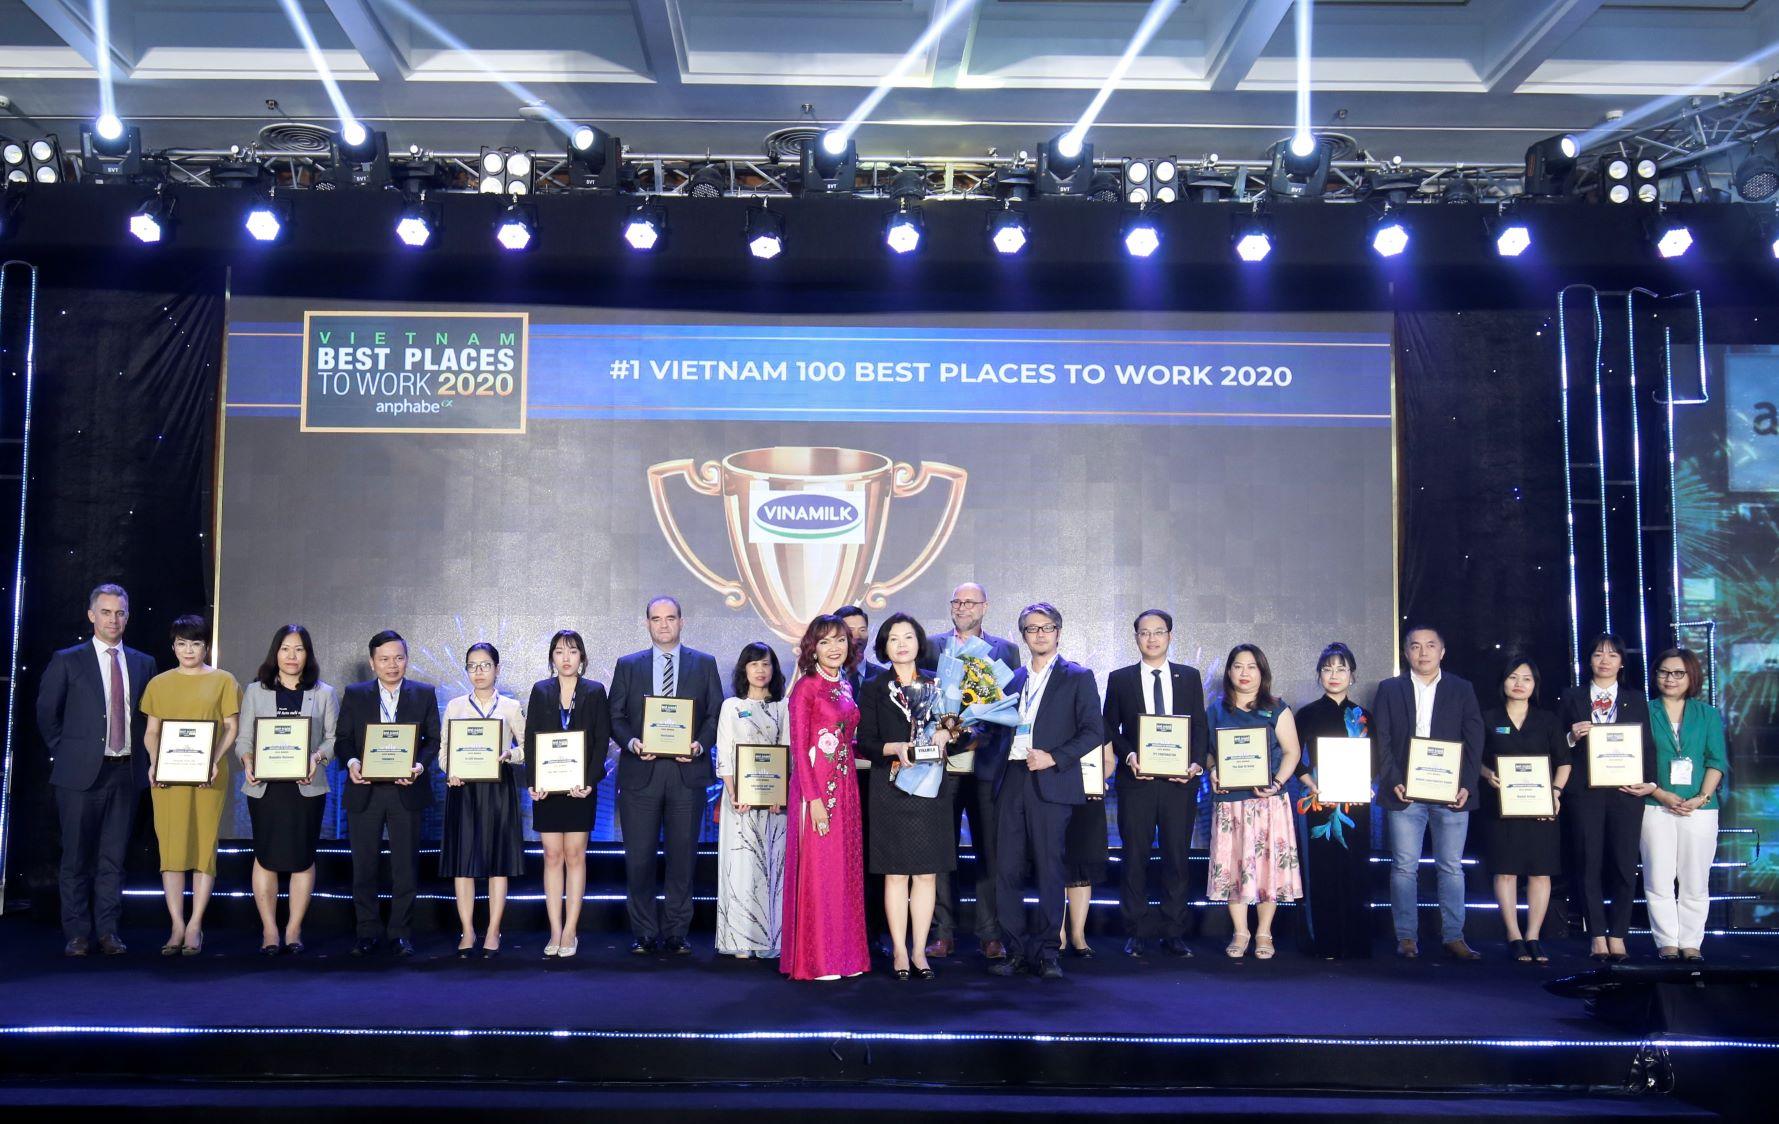 Vinamilk vững vàng vị trí dẫn đầu Top doanh nghiệp phát triển bền vững Việt Nam năm 2020 9